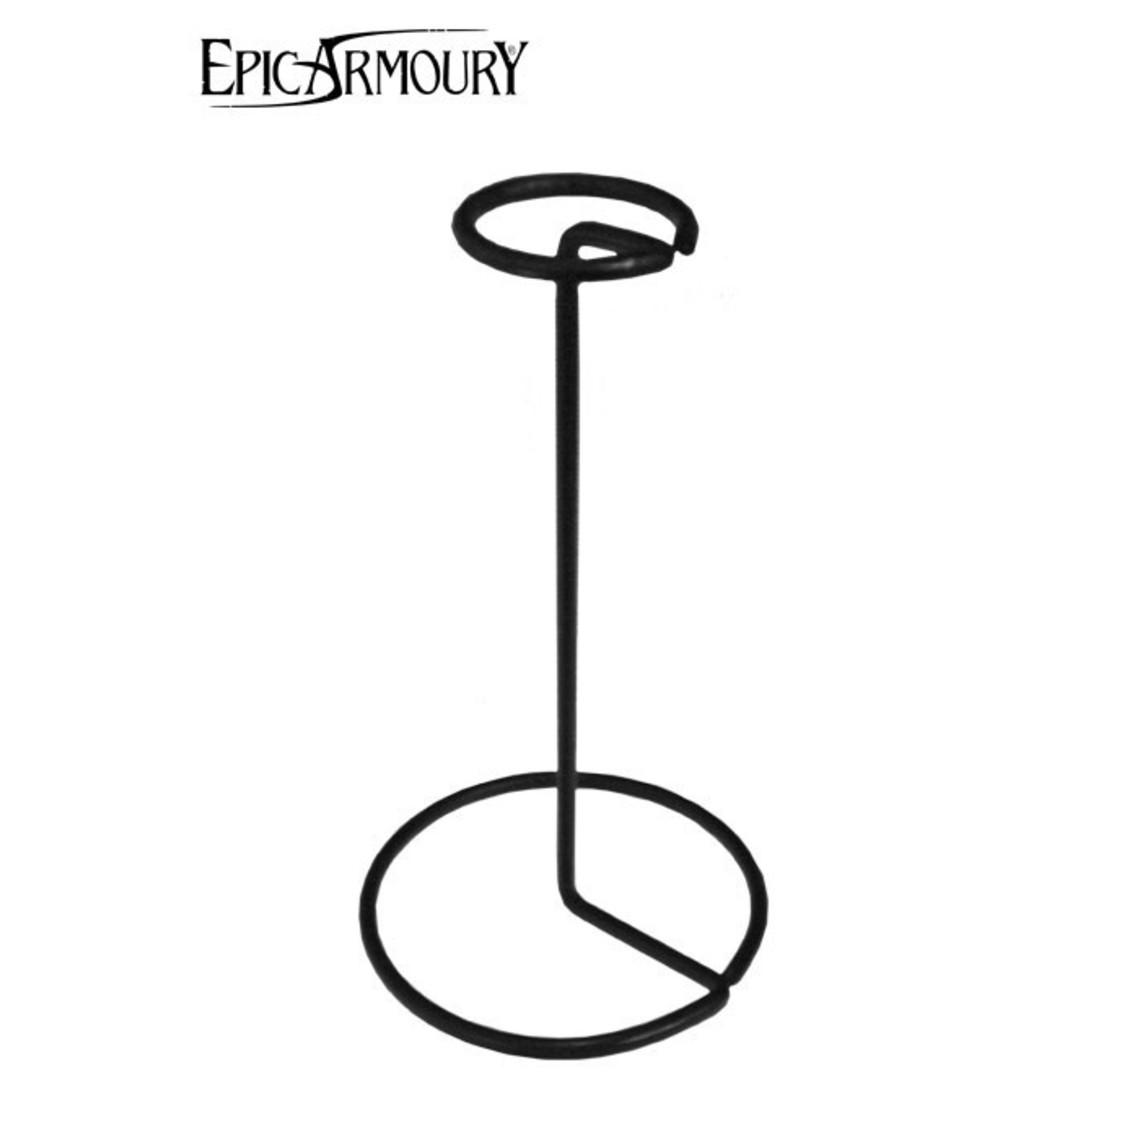 Epic Armoury Métal (casque) debout, noir